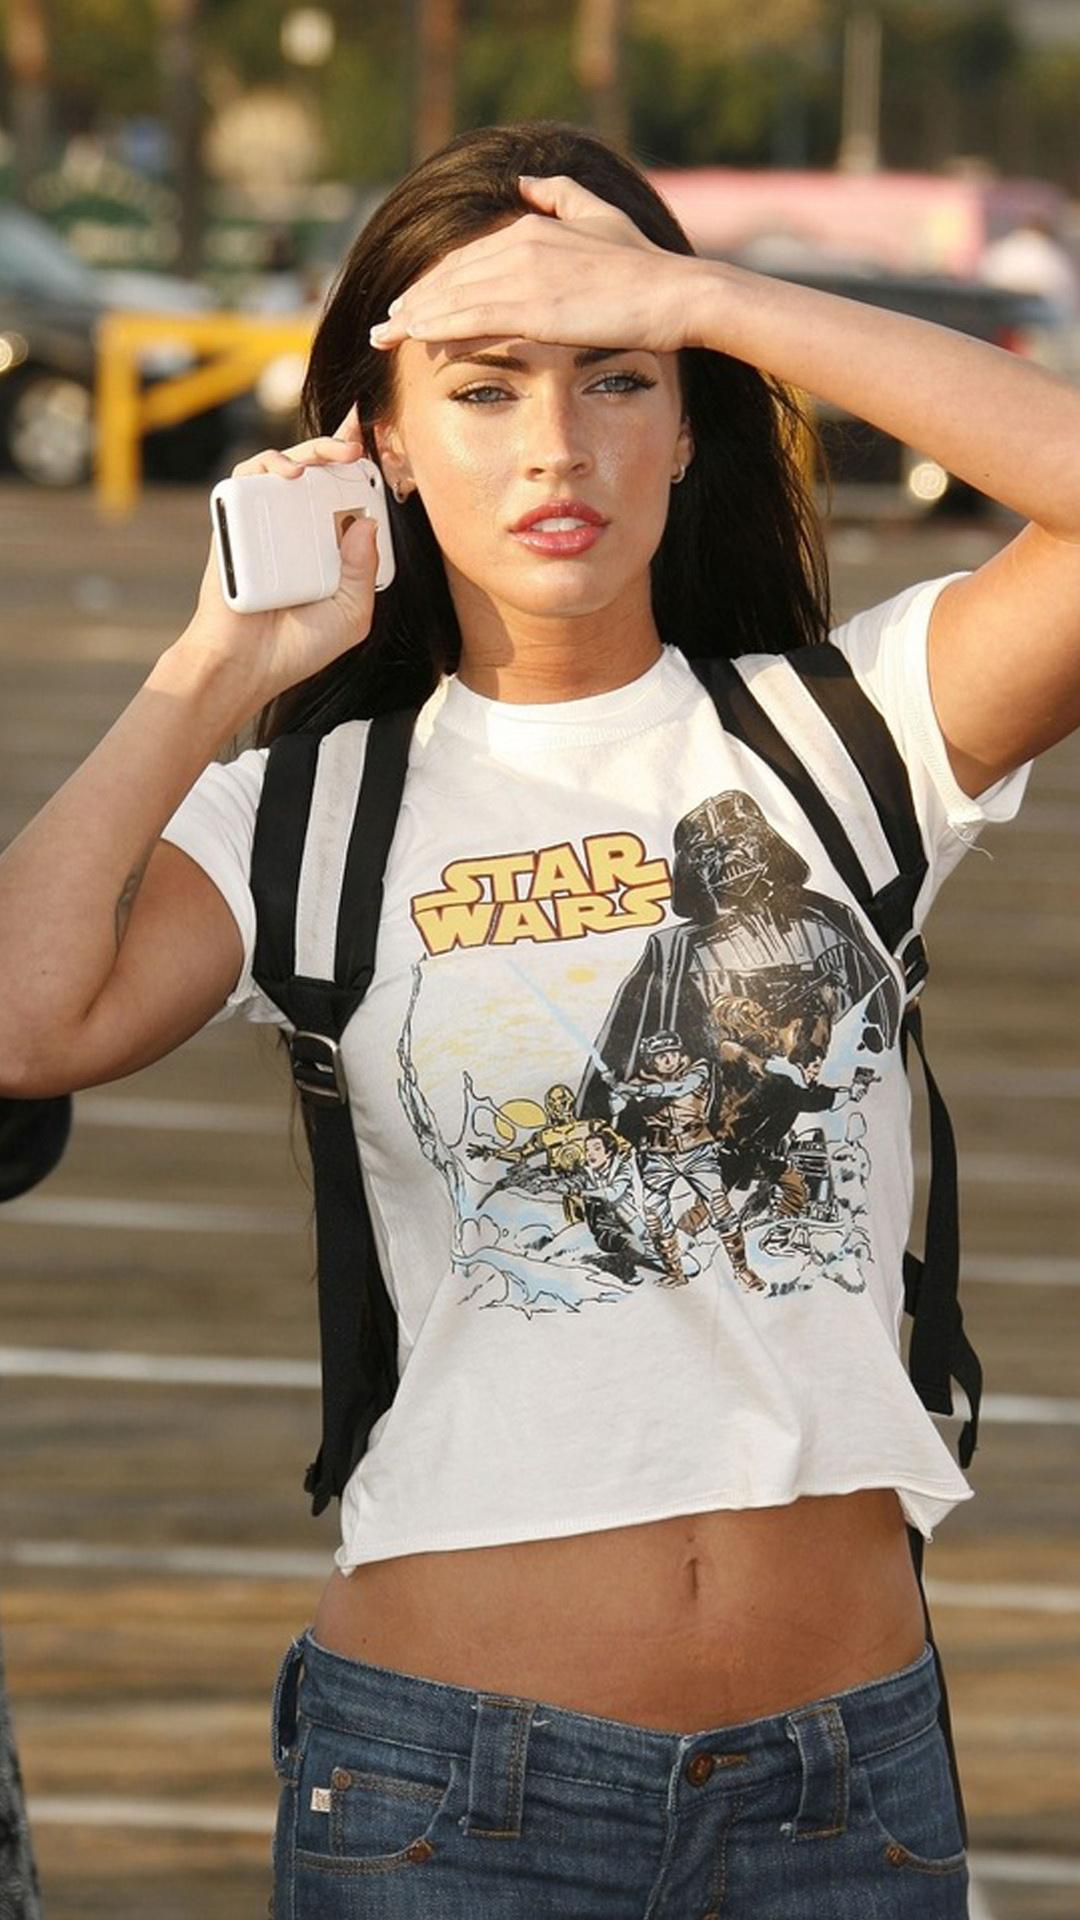 Megan Fox Star Wars t-shirt